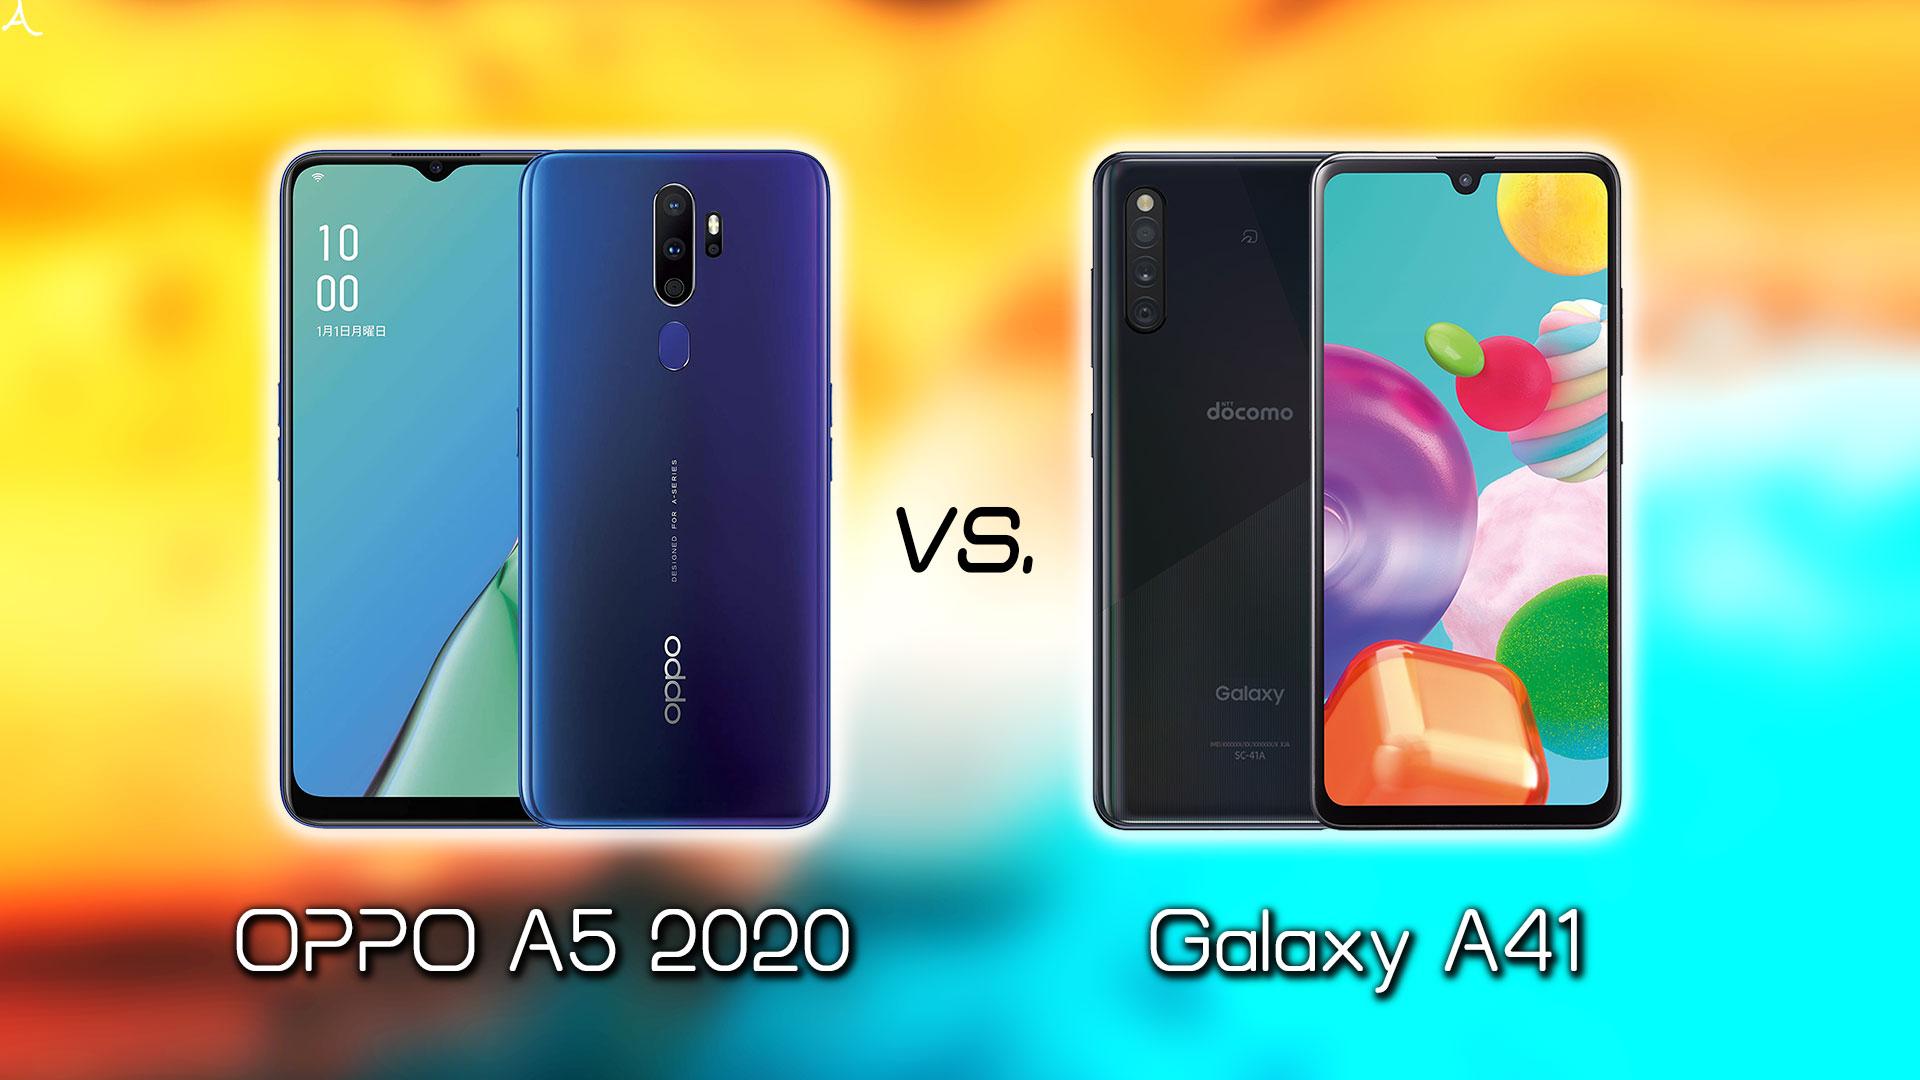 「OPPO A5 2020」と「Galaxy A41」の違いを比較:どっちを買う?